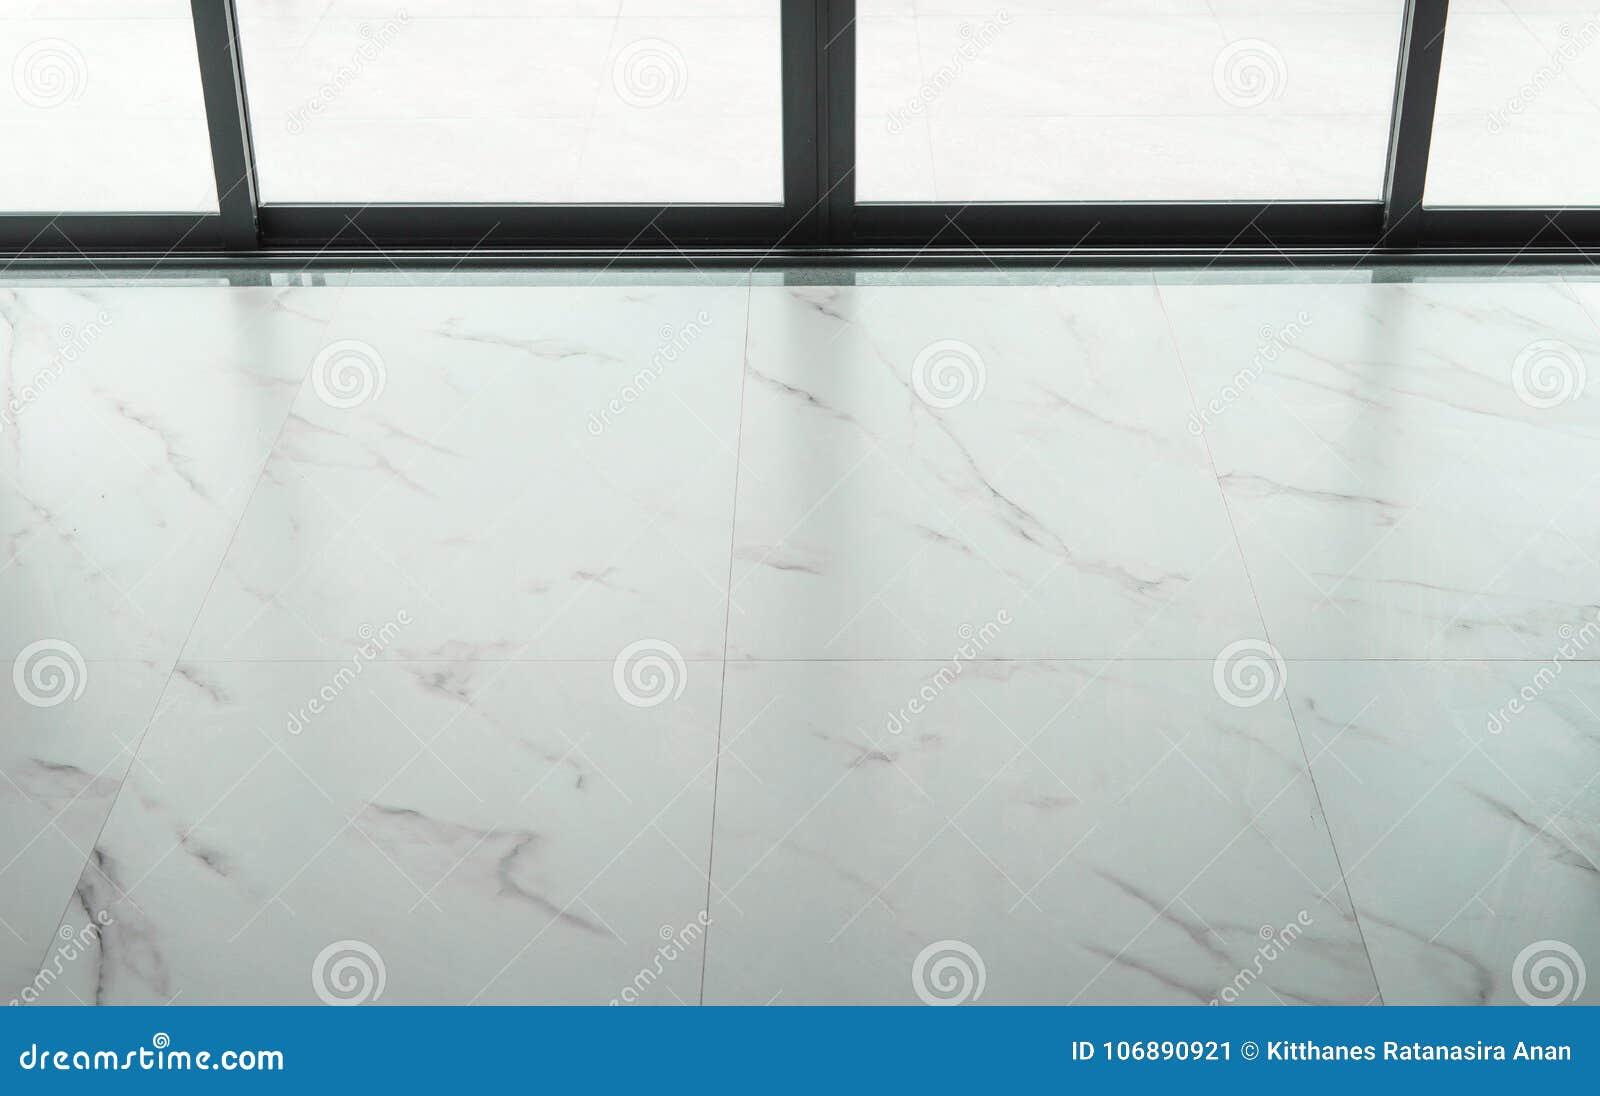 Immagini di riserva di piastrelle per pavimento di marmo blu la